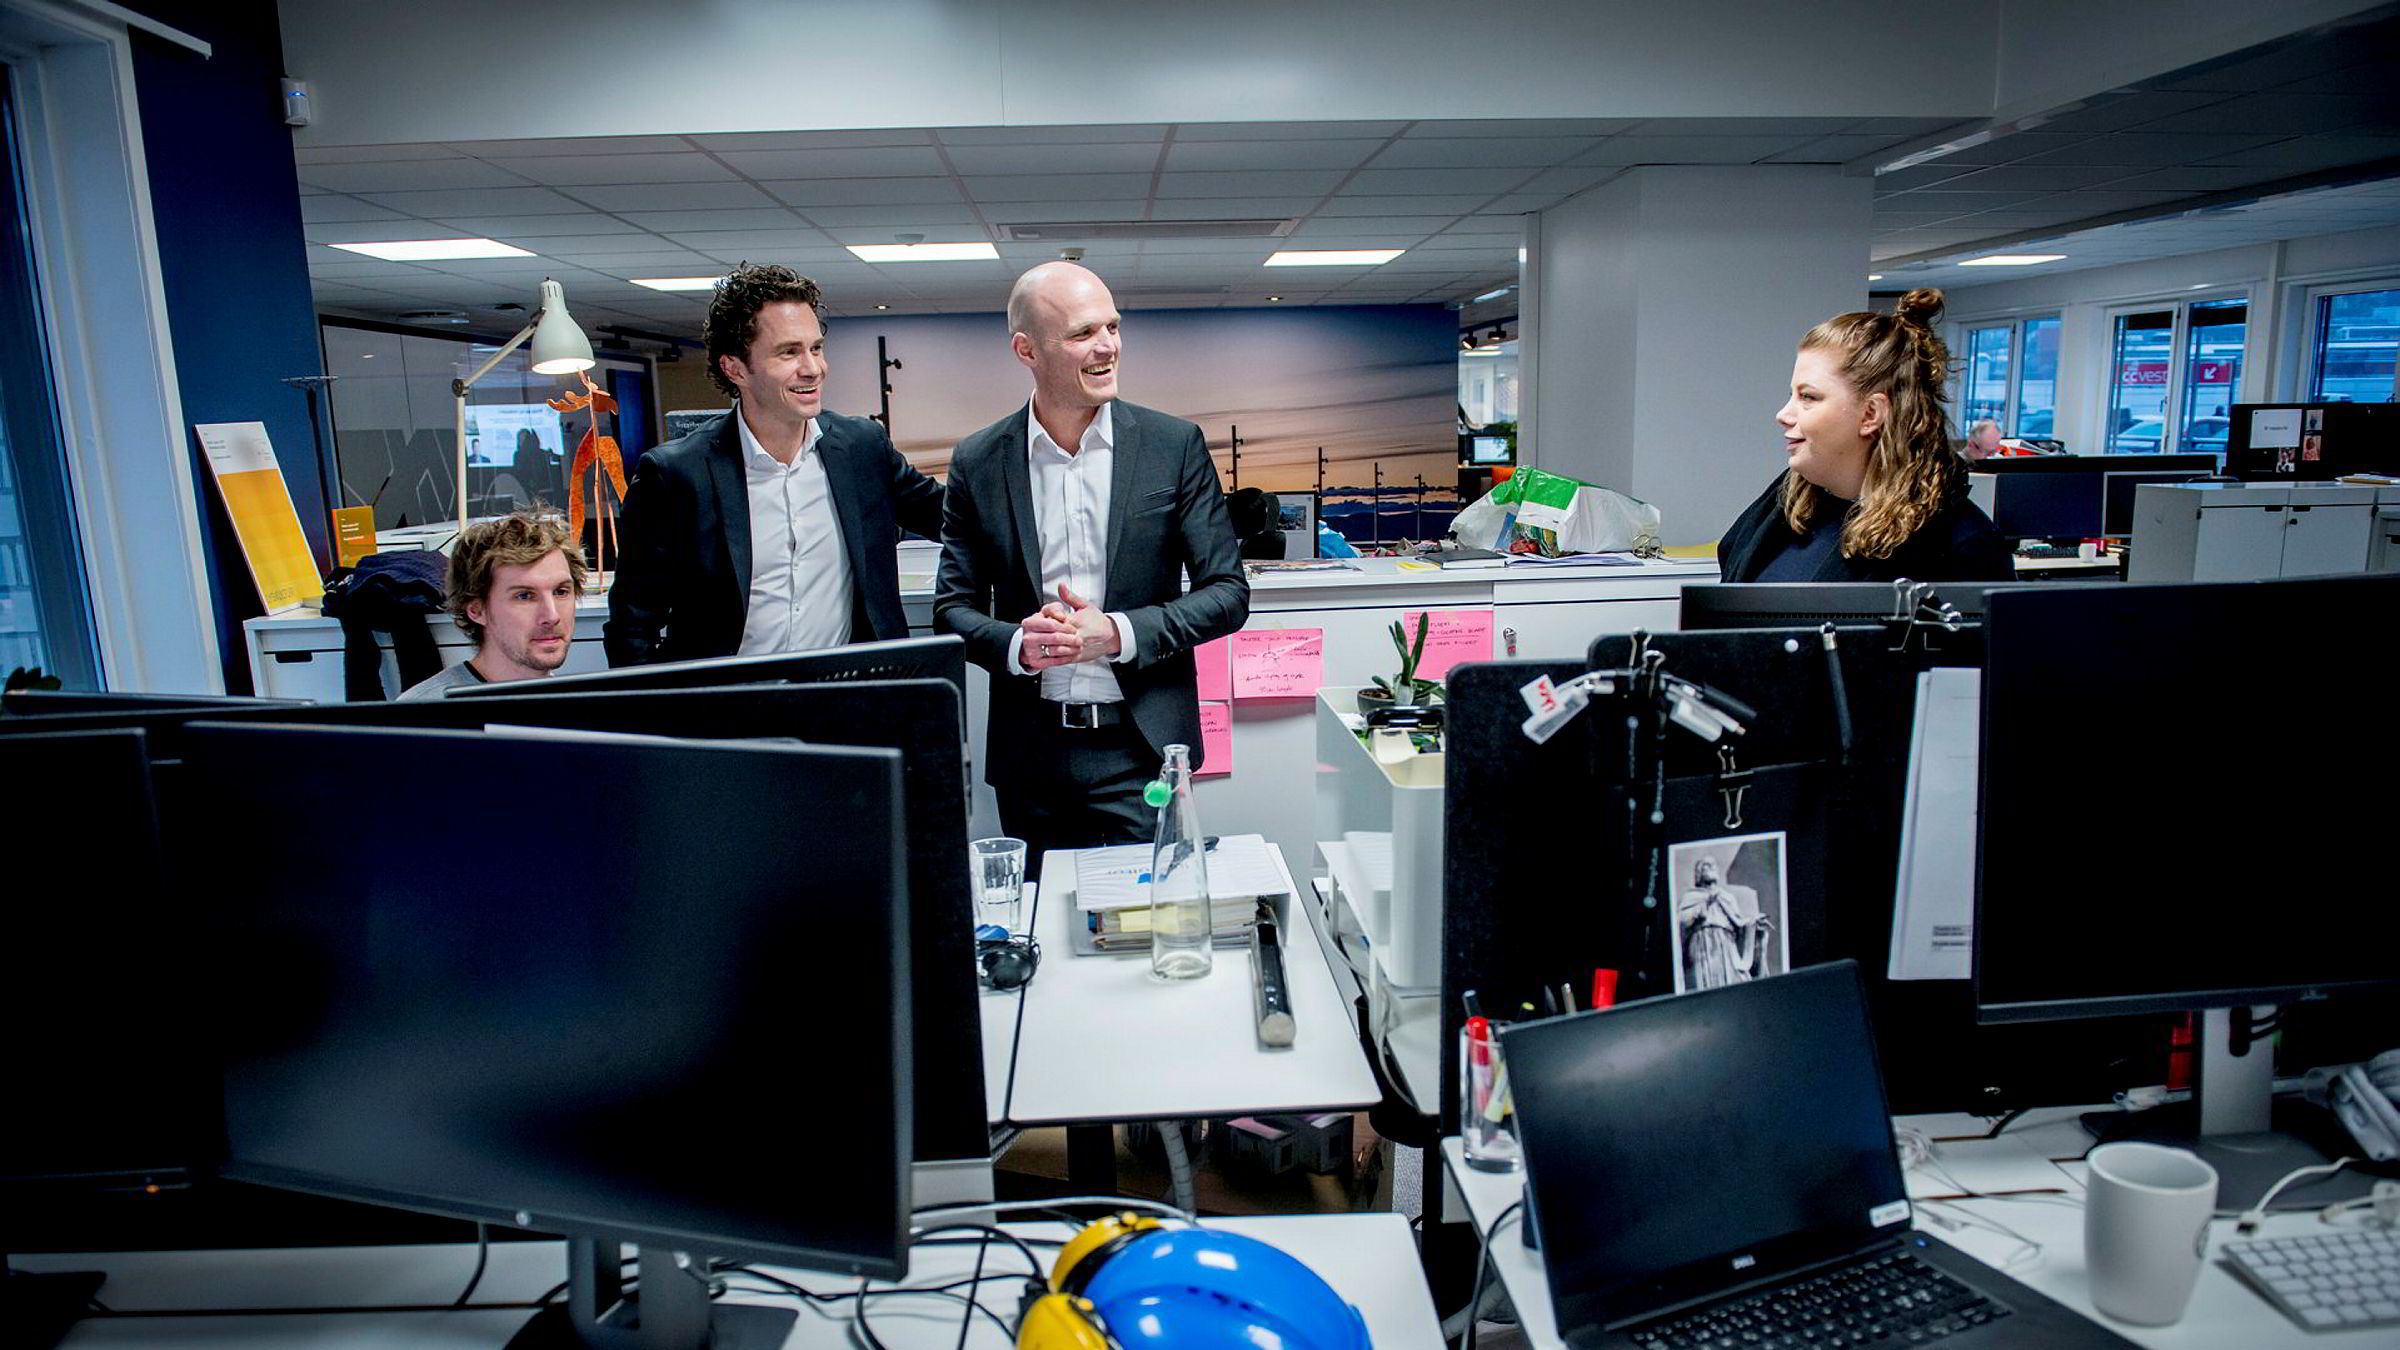 – Norge er selskapets viktigste land utenom Sverige, sier ÅF-sjef Jonas Gustavsson (nummer to fra venstre). Her besøker han ingeniør Andreas Ramdahl (til venstre), norgessjef Rune Hardersen og ingeniør Stine Kaalstad på selskapets norske hovedkontor i Oslo.